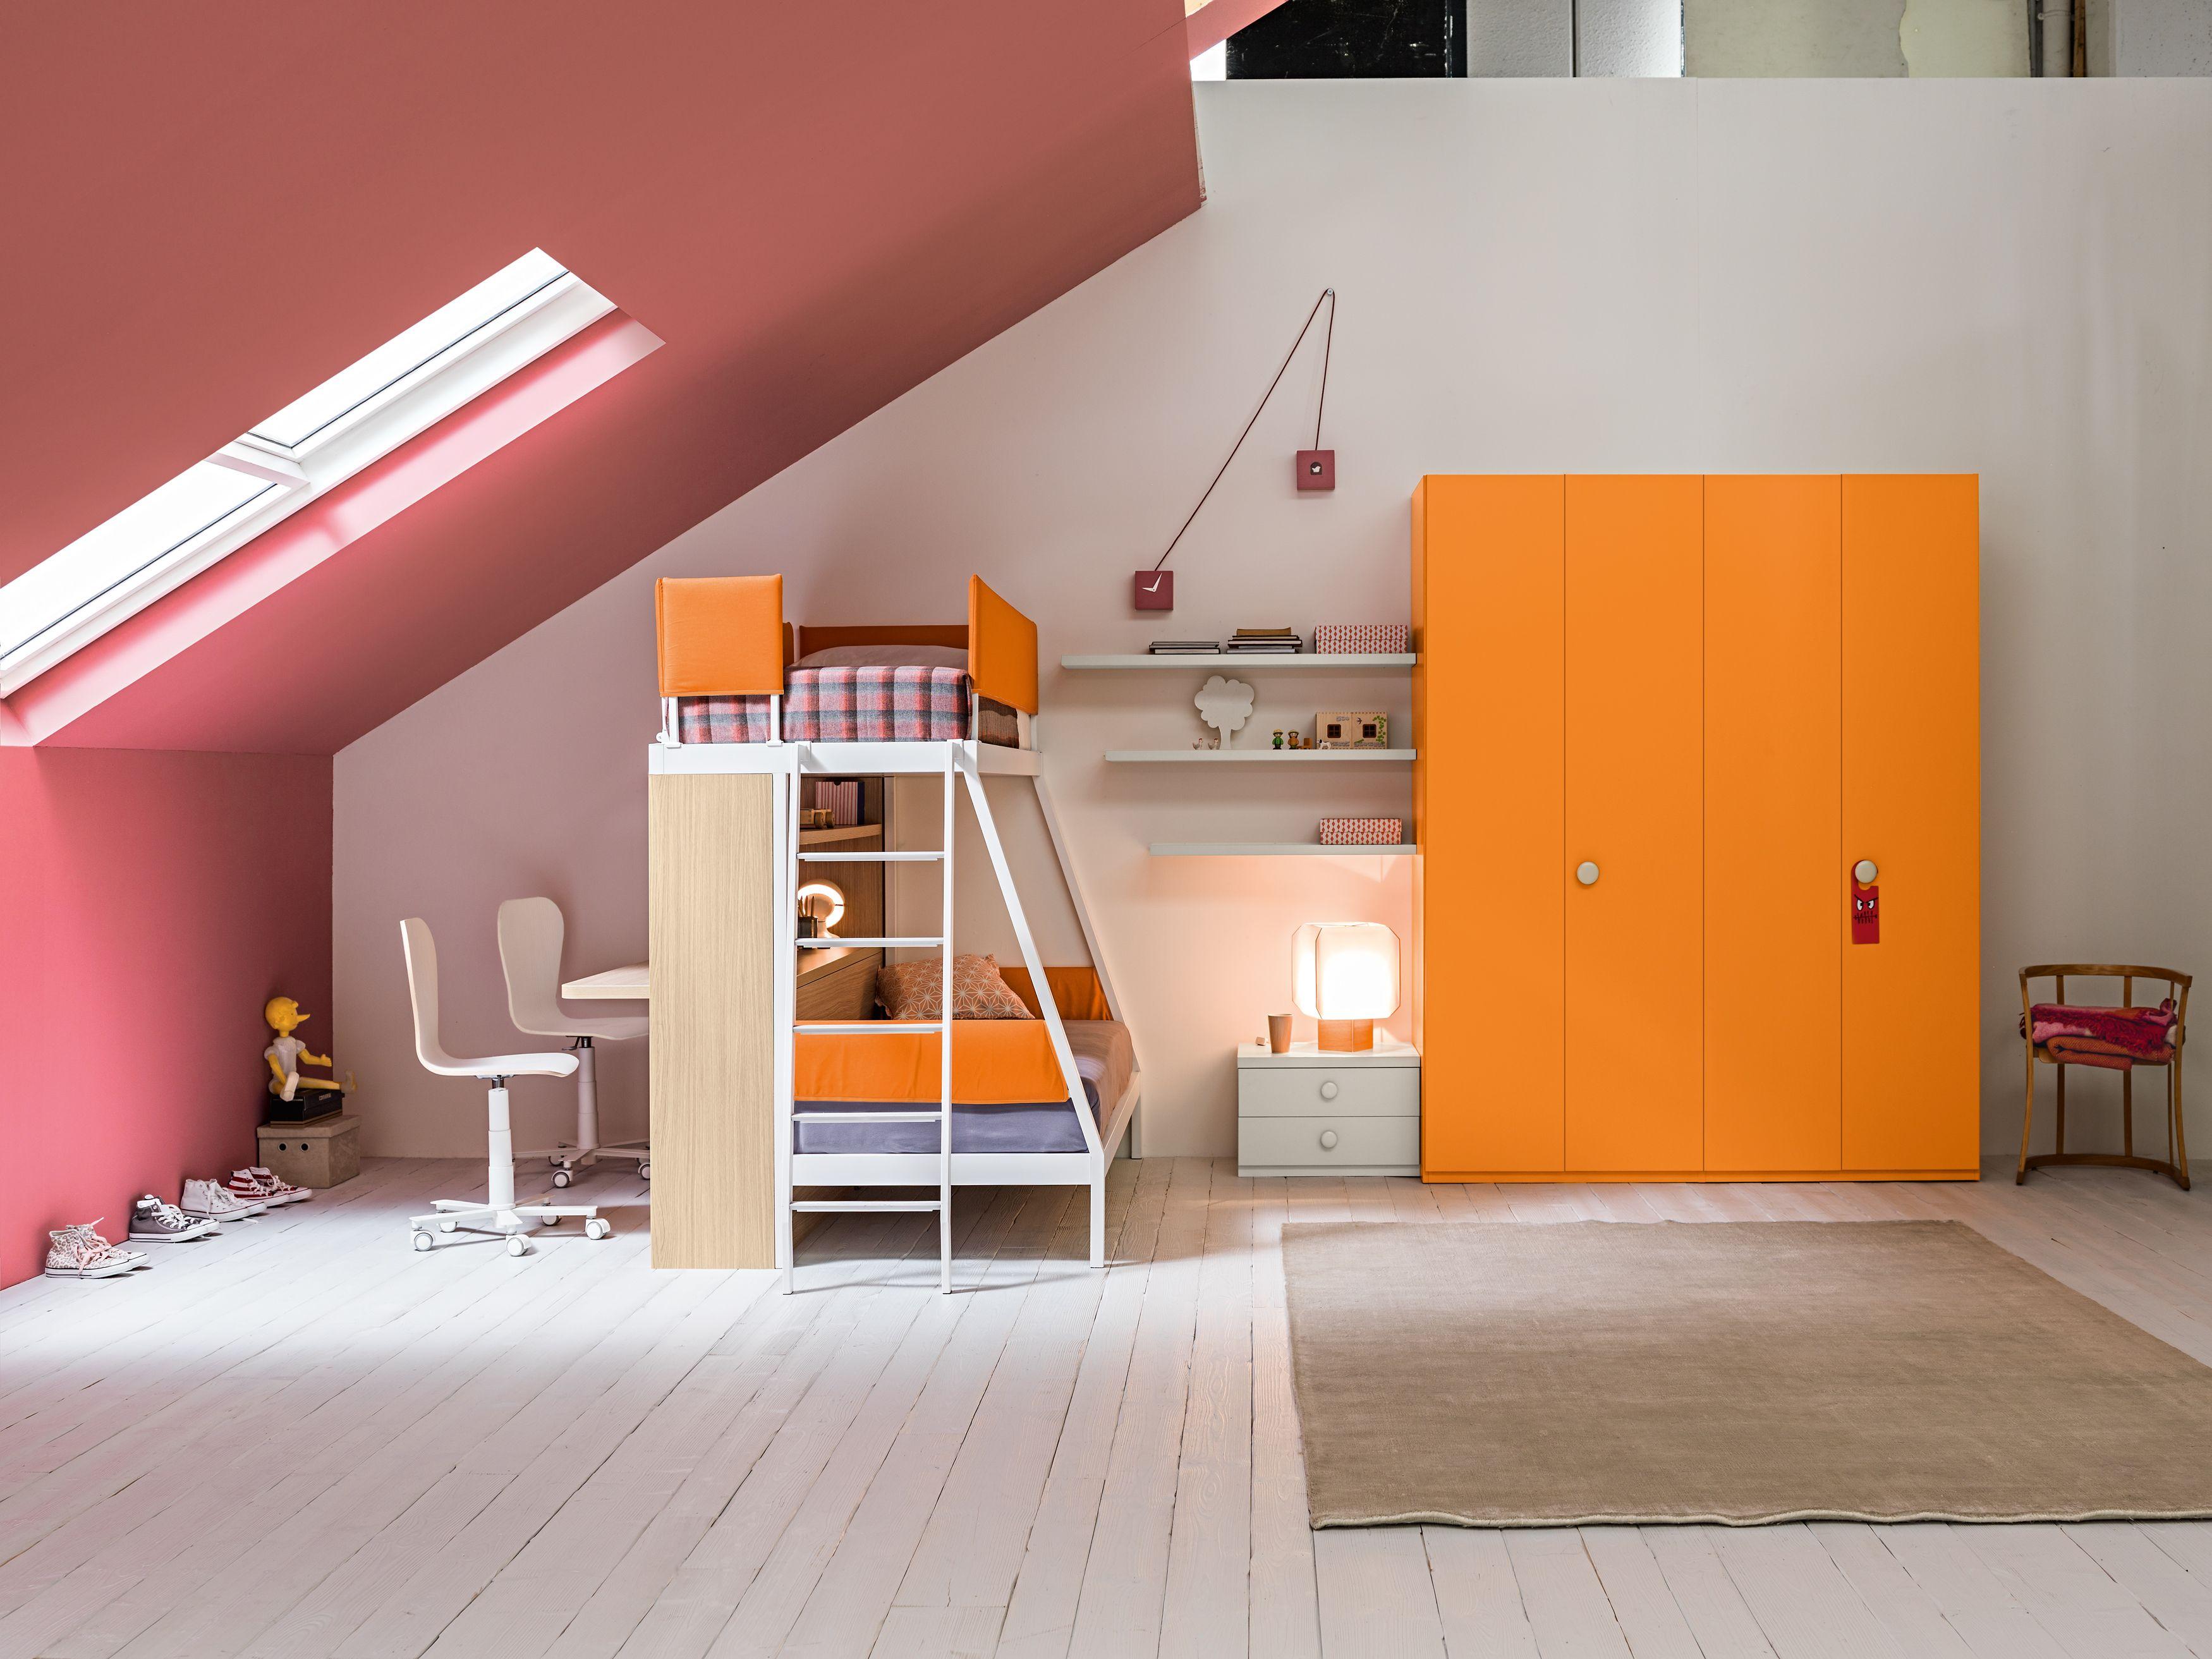 Camerette moderne soppalco Letto estraibile, Idee di design